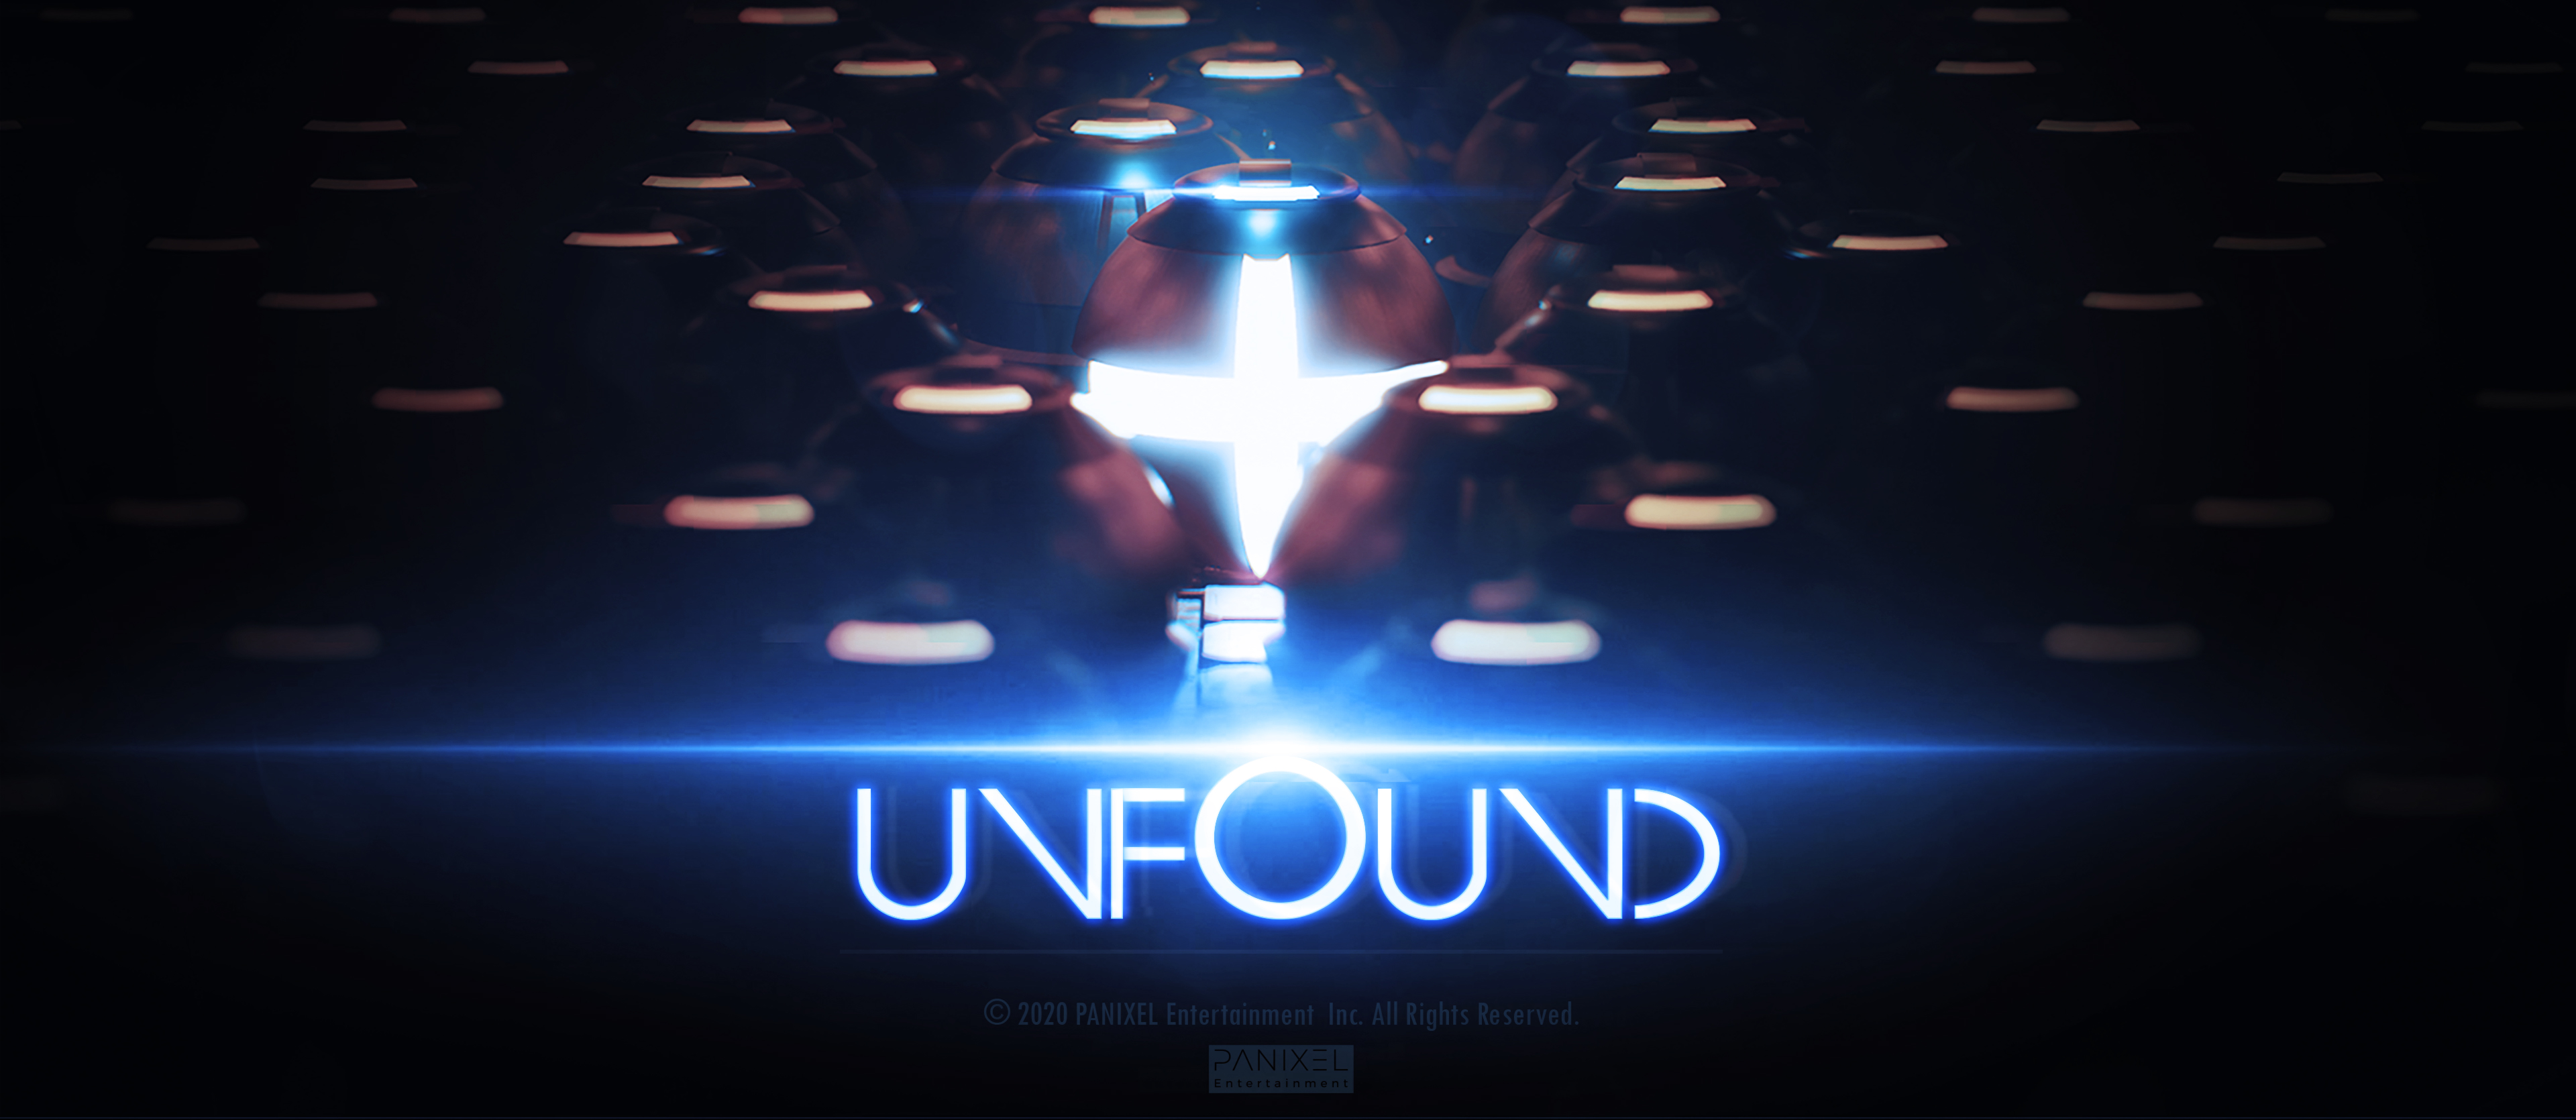 UnFound poster